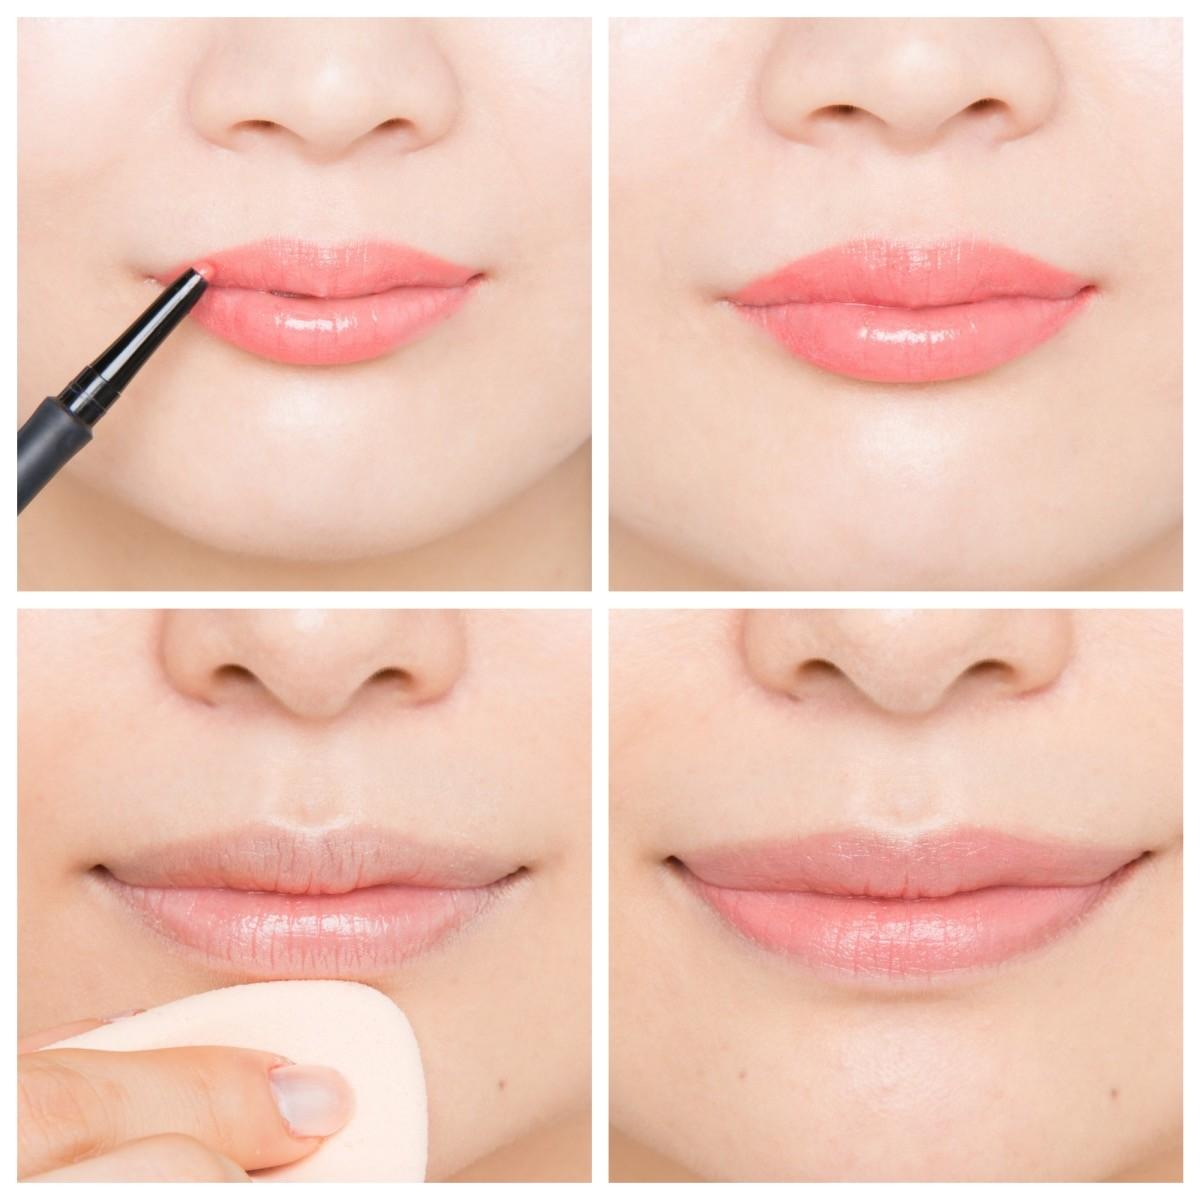 薄唇・オバQ唇…リップ悩みにプロがお答え。理想の美人唇に仕上げる簡単ワザ☆